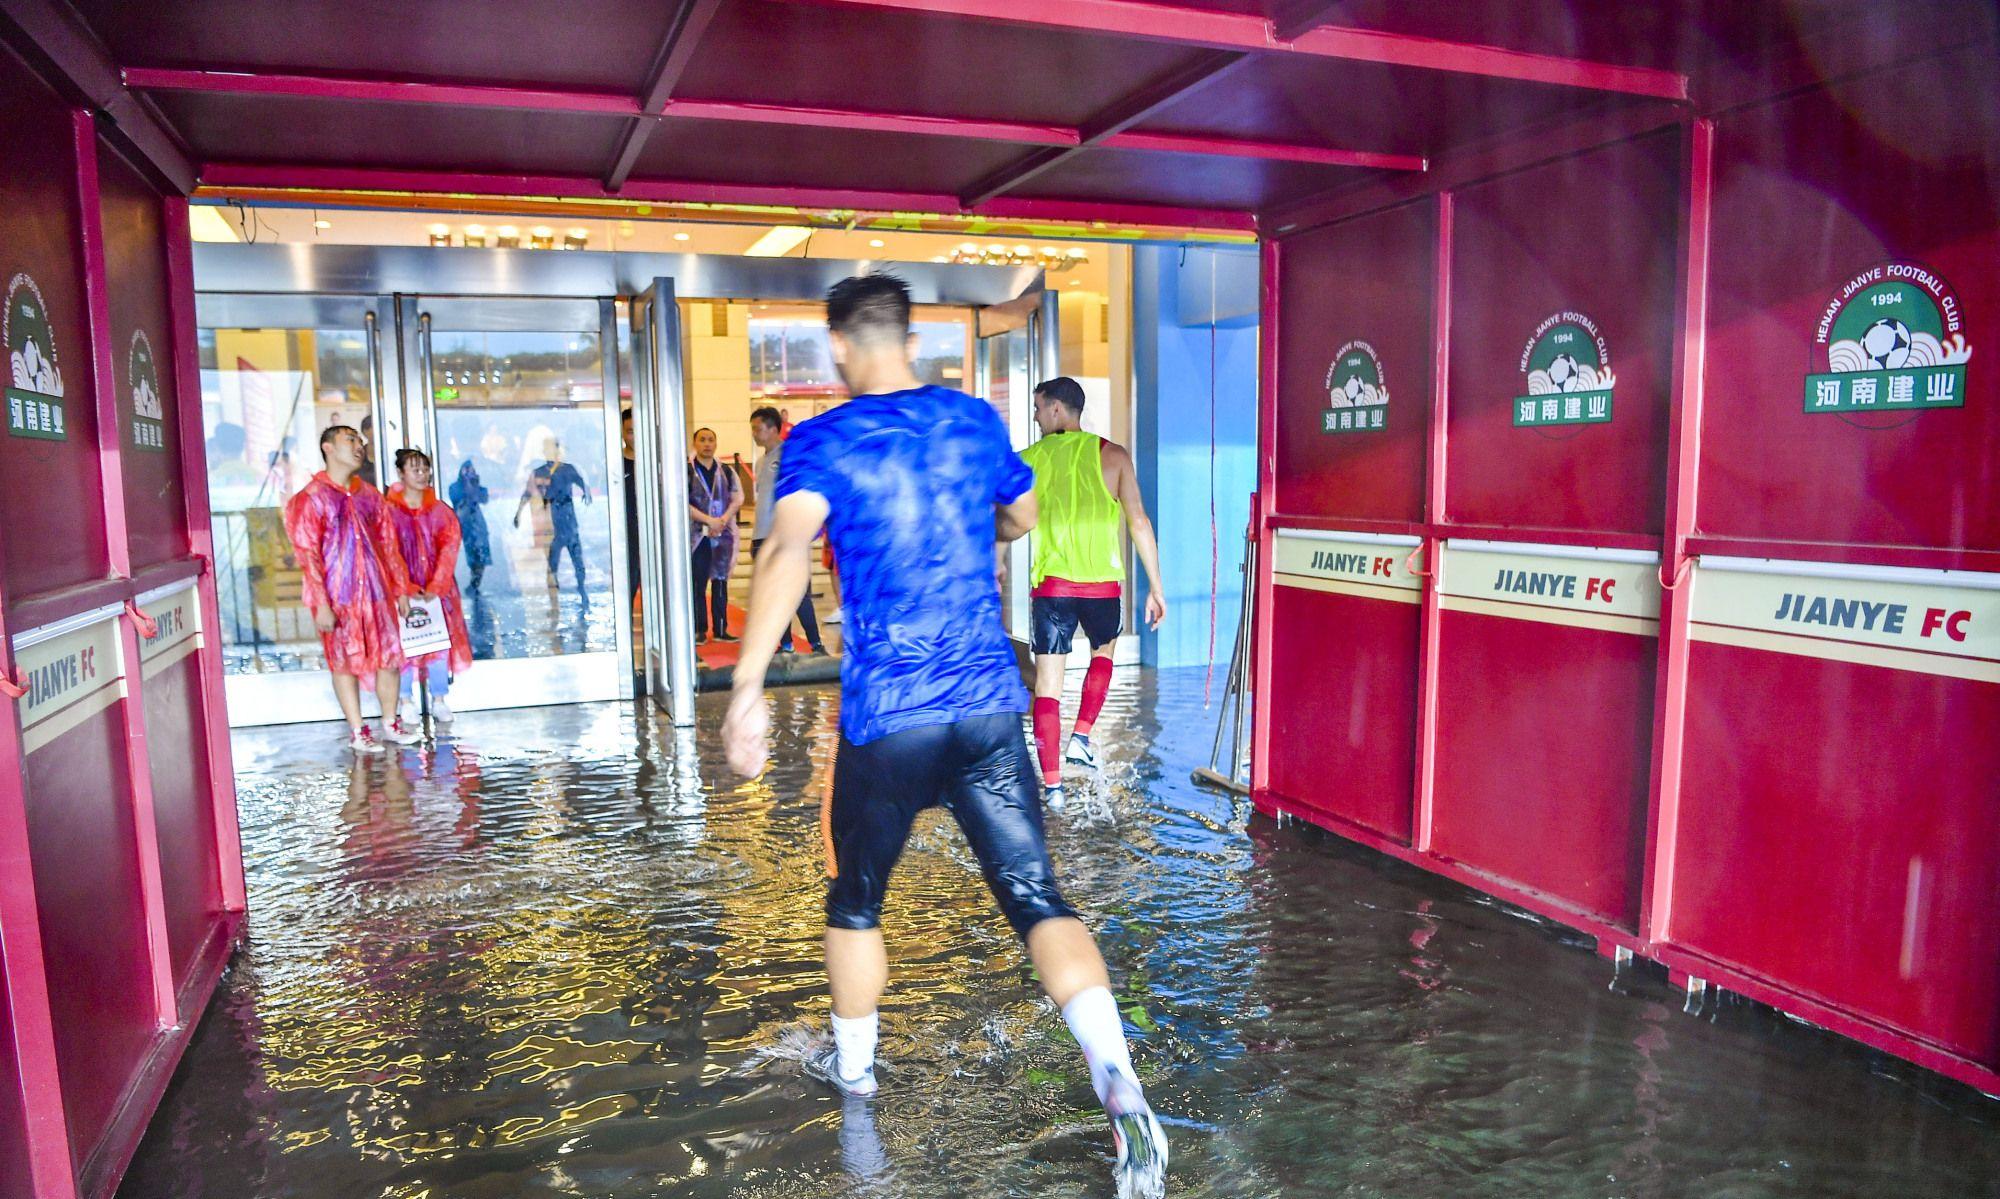 中超河南建业对北京人和比赛遇暴雨,郑州航海体育场被浇透变泽国